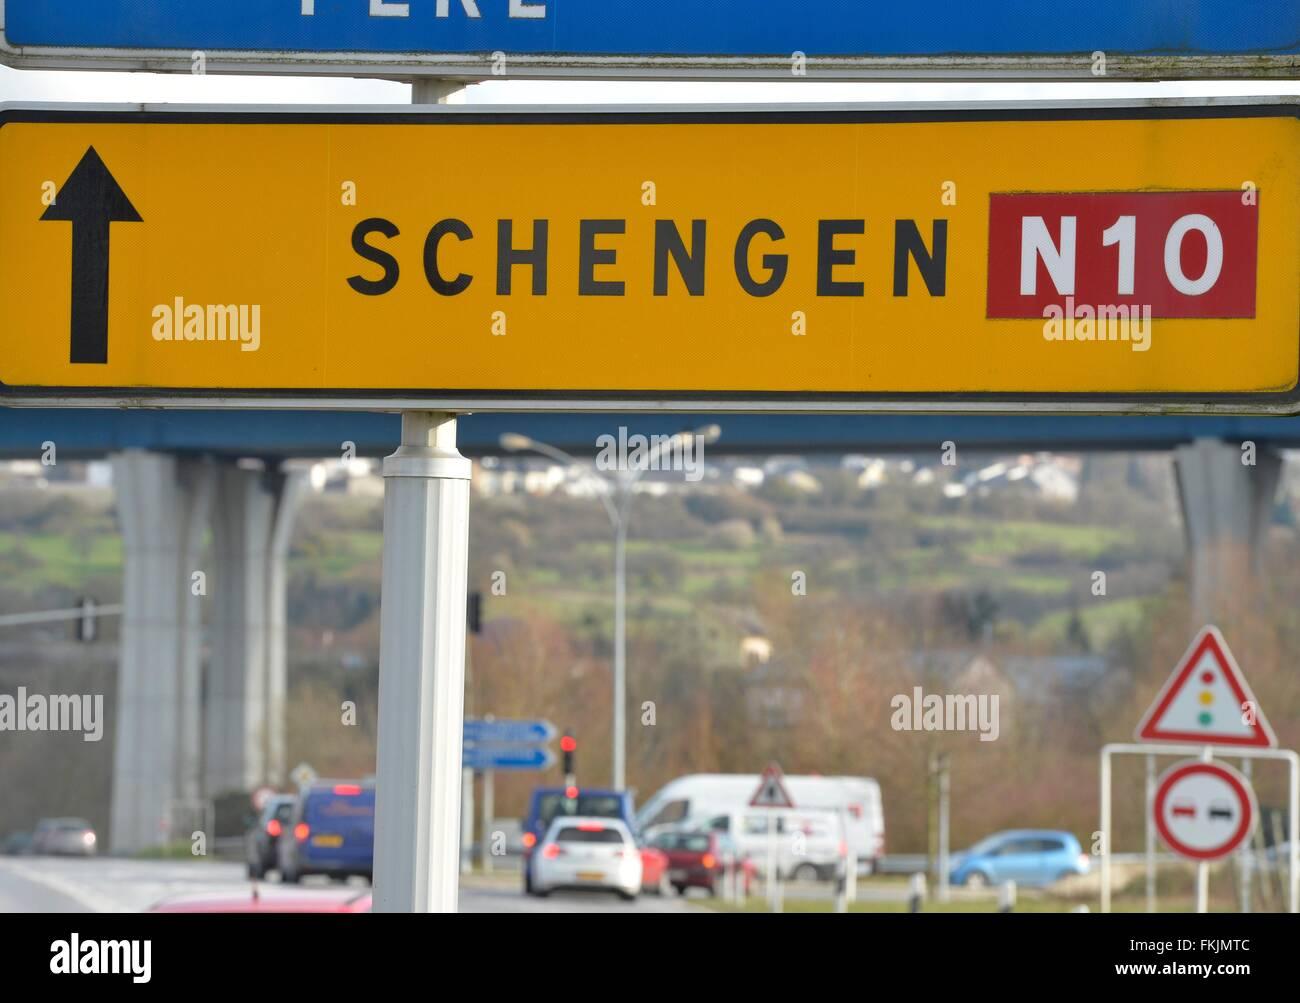 road sign Schengen, Schengen, March 7, 2016. - Stock Image